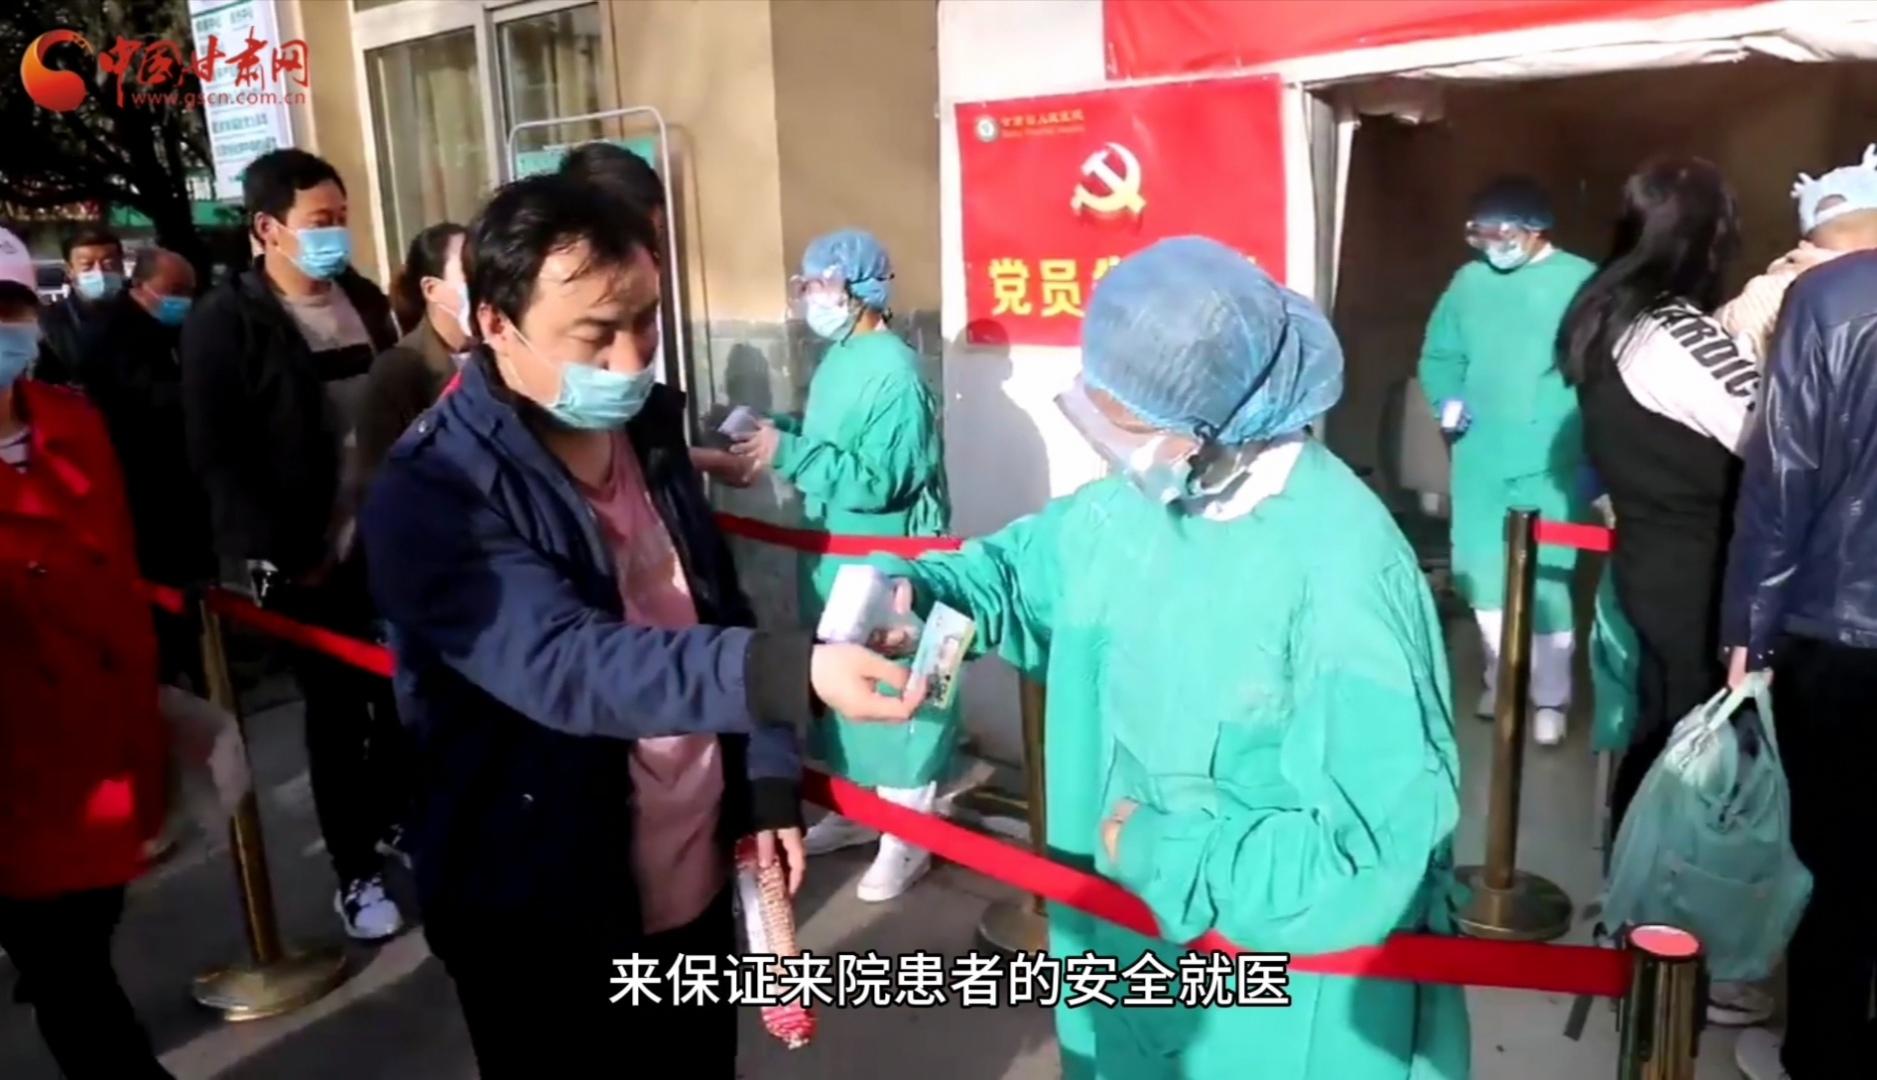 就医流程保健康 甘肃省人民医院多措并举守好防疫门(文图+视频)